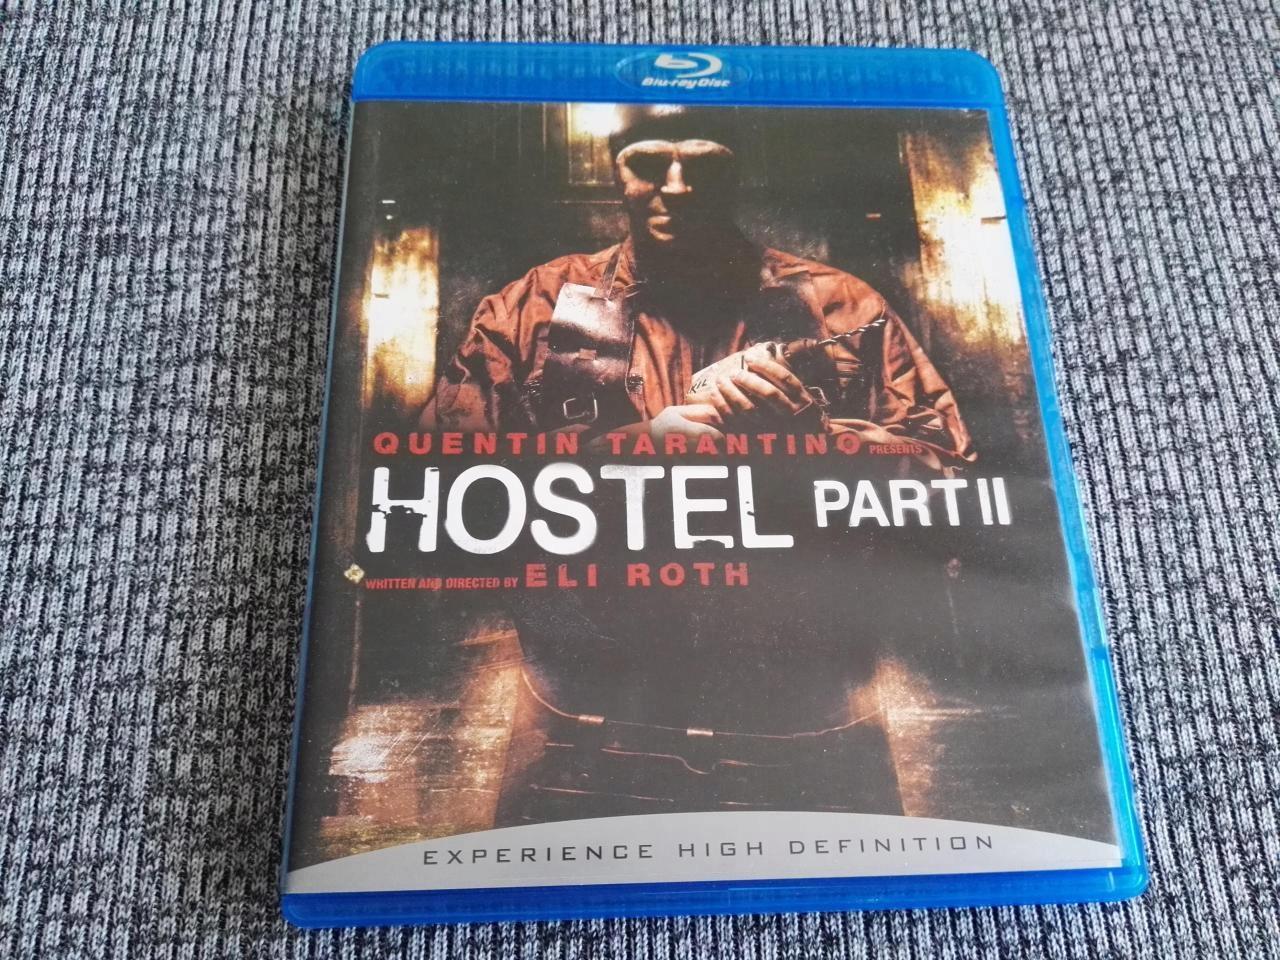 Hostel part II blu-ray